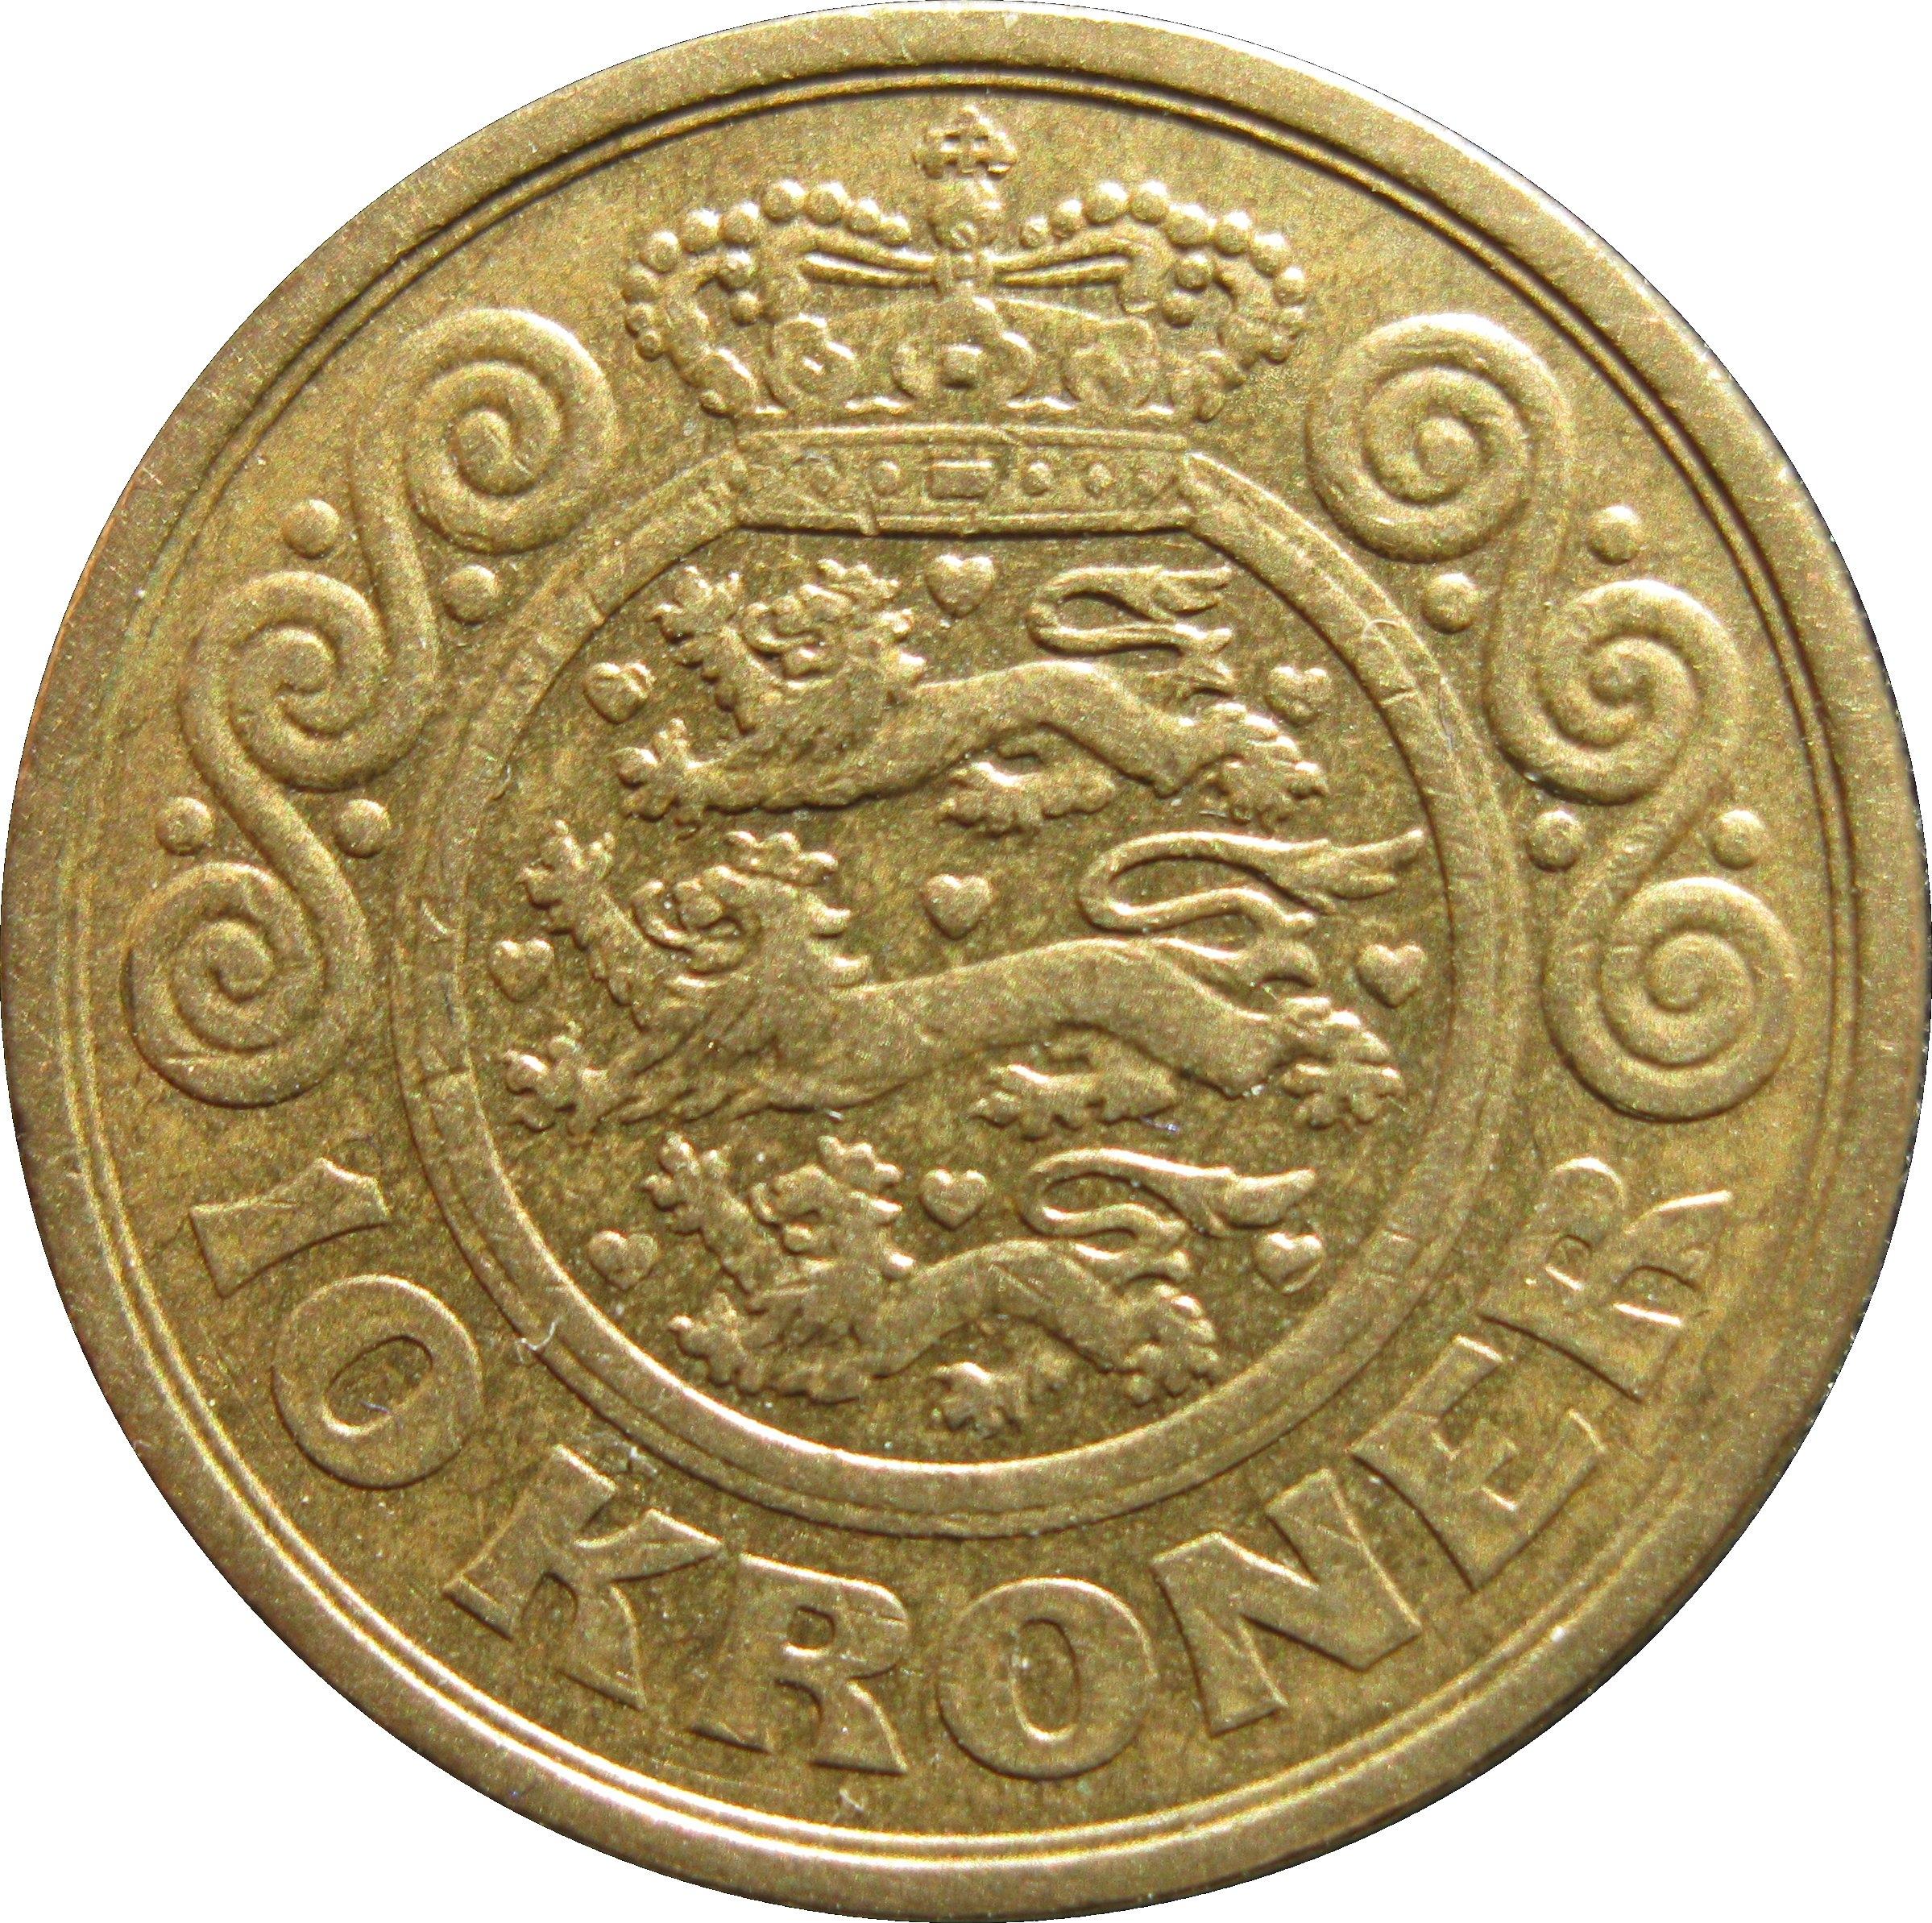 10 Kroner